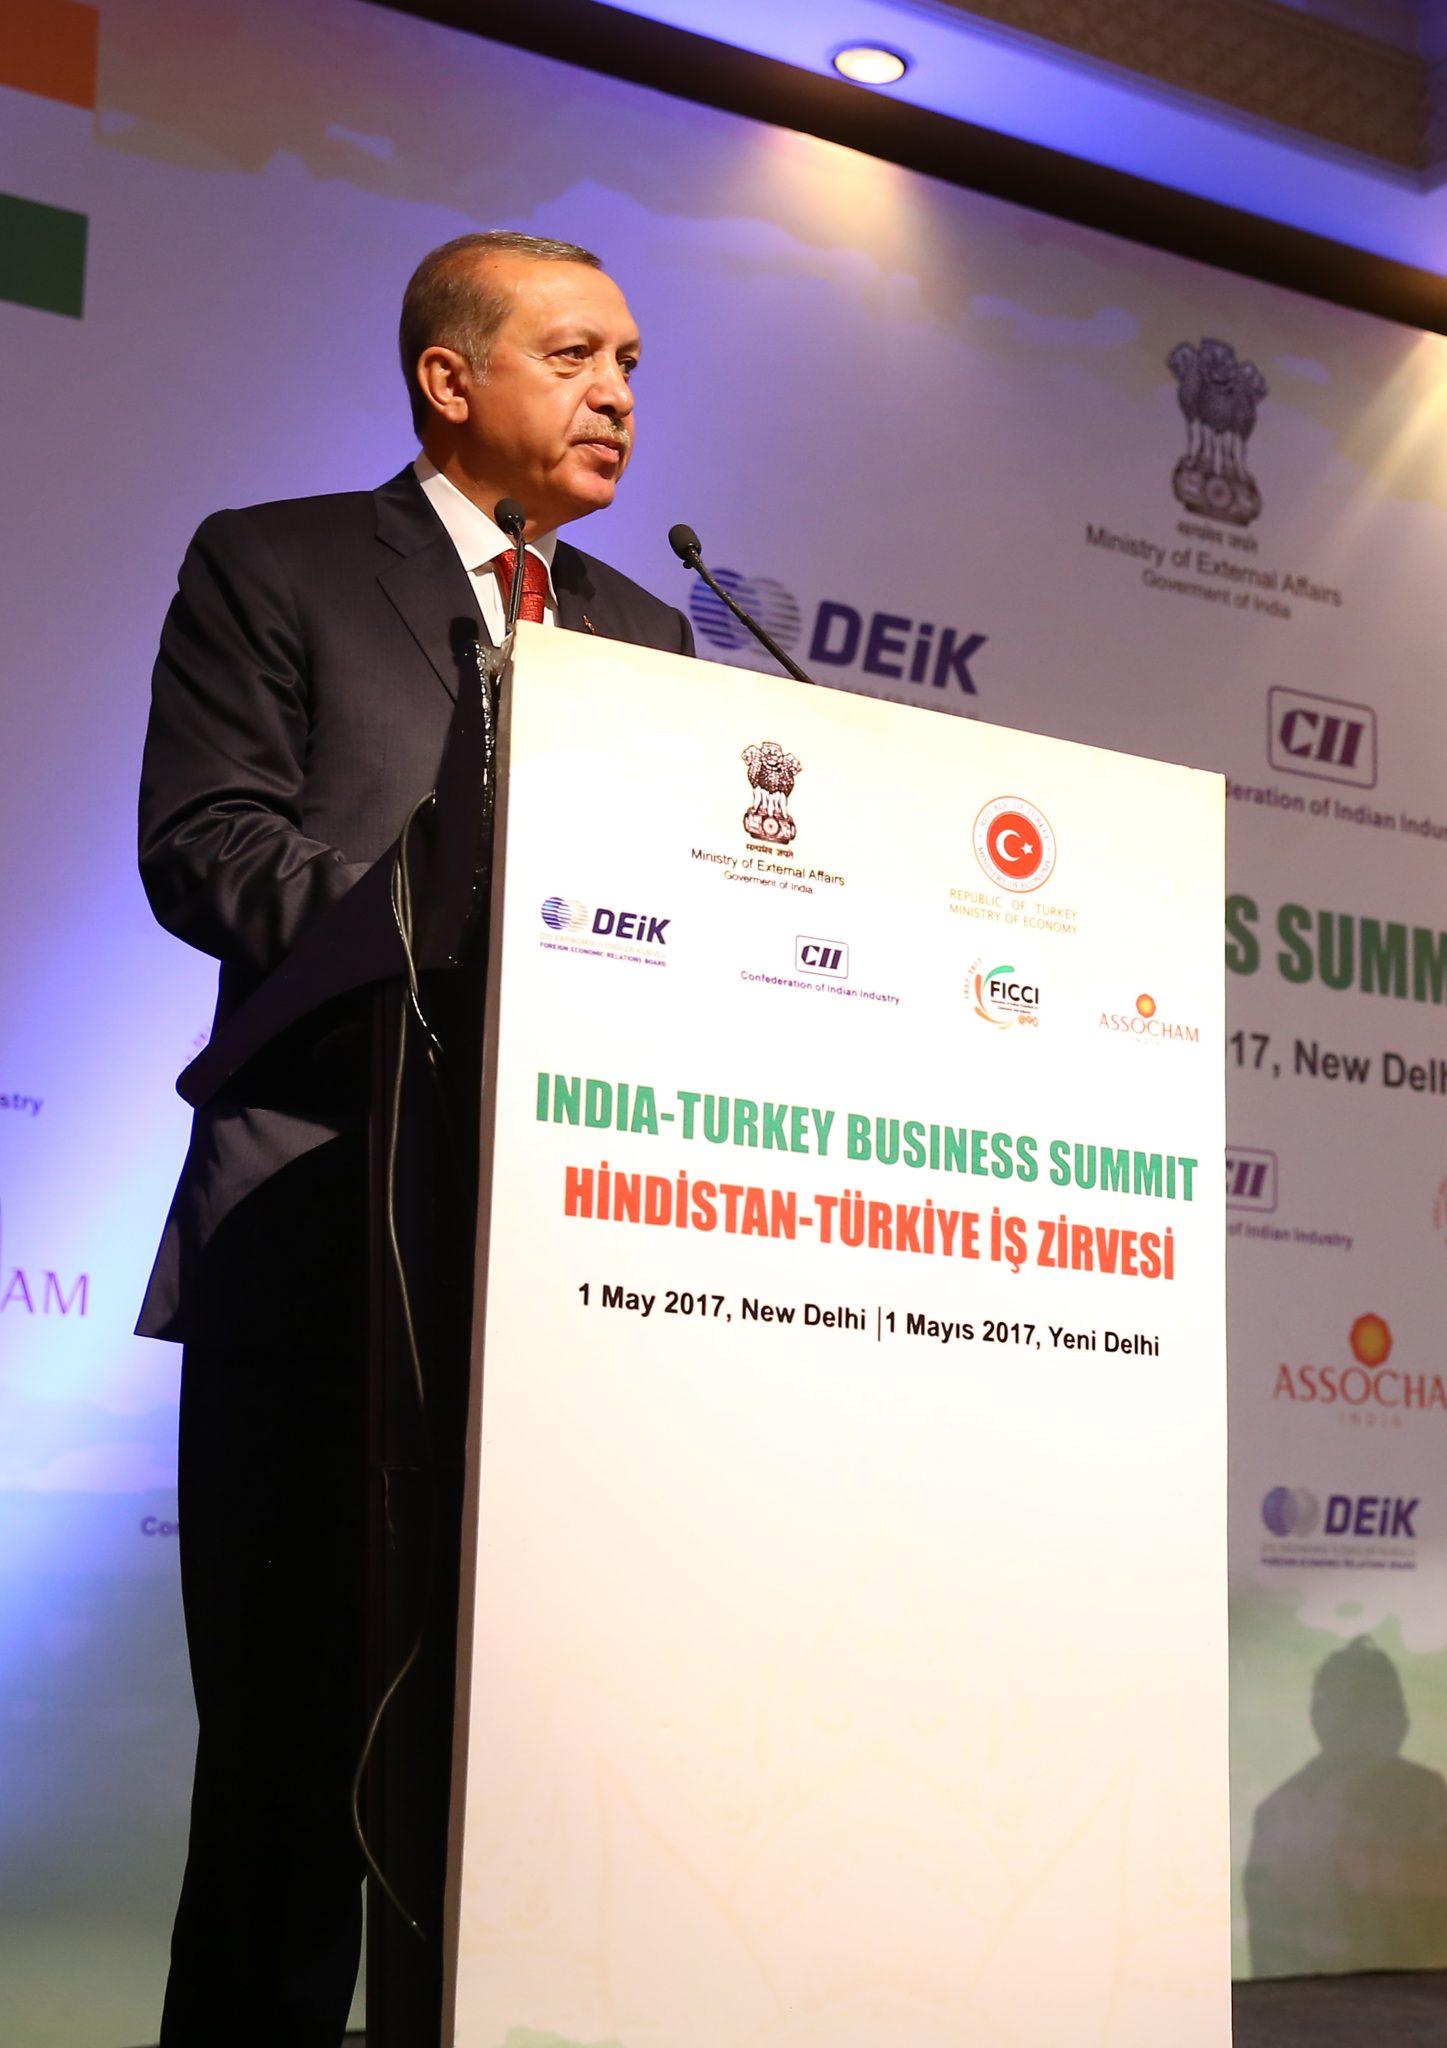 """Cumhurbaşkanı Recep Tayyip Erdoğan ve  Hindistan Başbakanı Narendra Modi, """"Hindistan-Türkiye İş Zirvesi""""ne katıldı.   Erdoğan zirvede konuşma yaptı.  ( Kayhan Özer - Anadolu Ajansı )"""